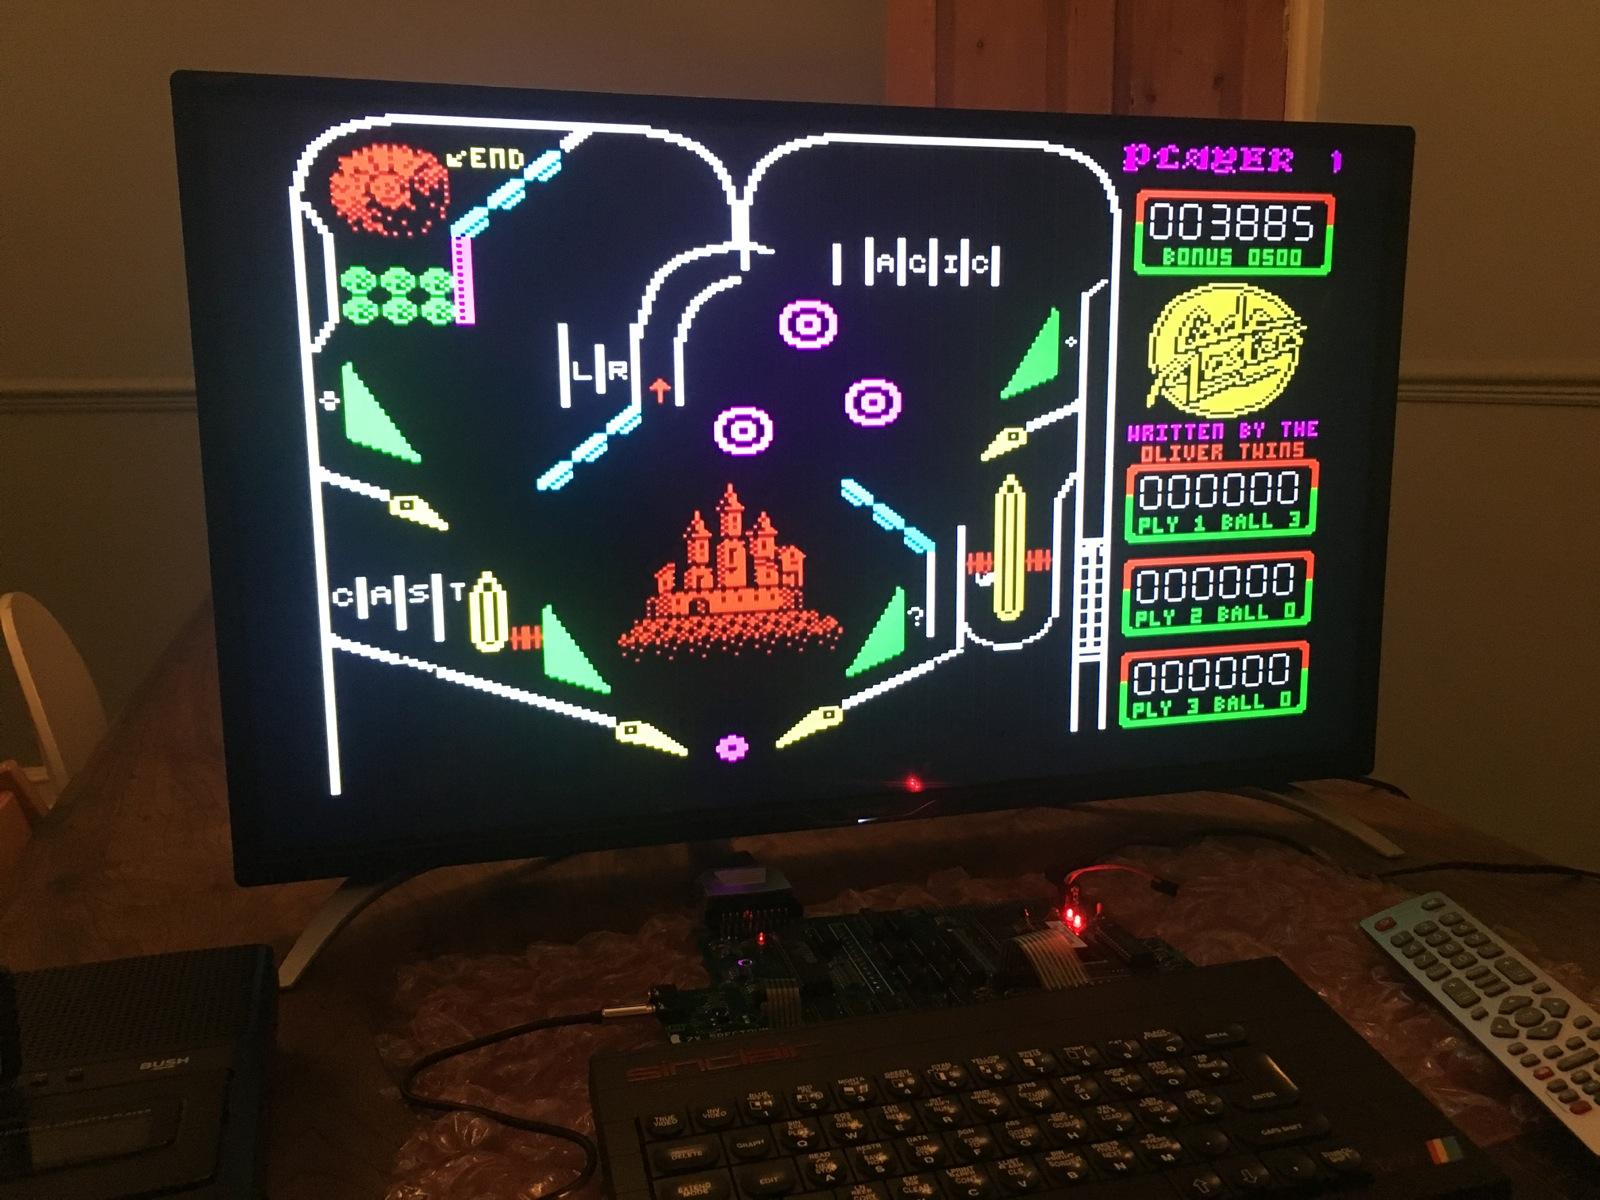 game_demo_large1.jpg